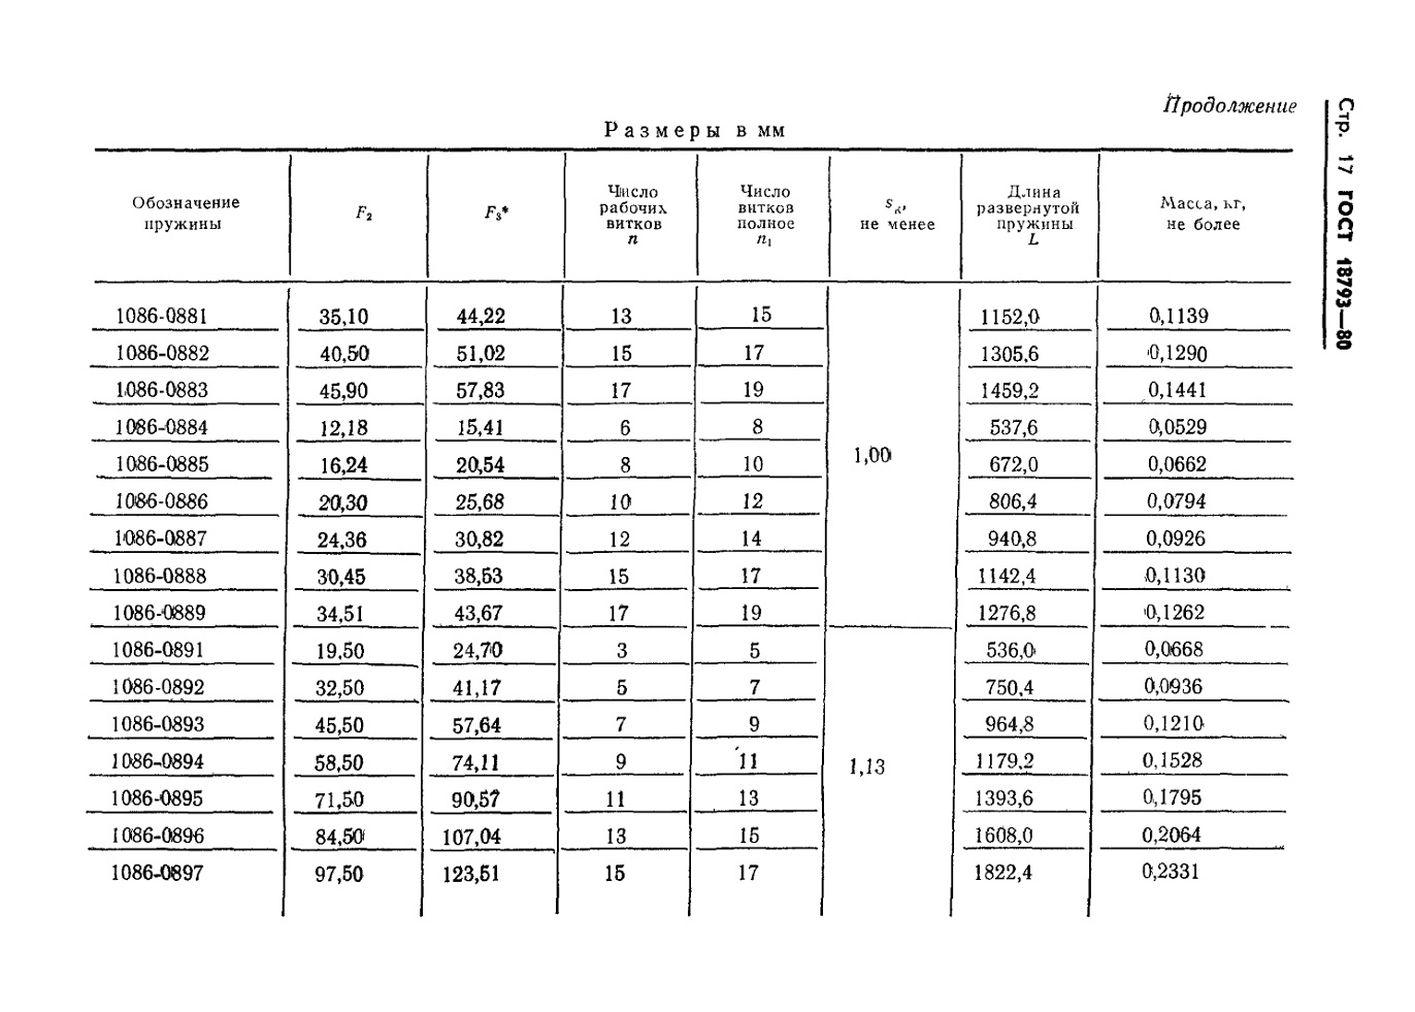 Пружины сжатия ГОСТ 18793-80 стр.17